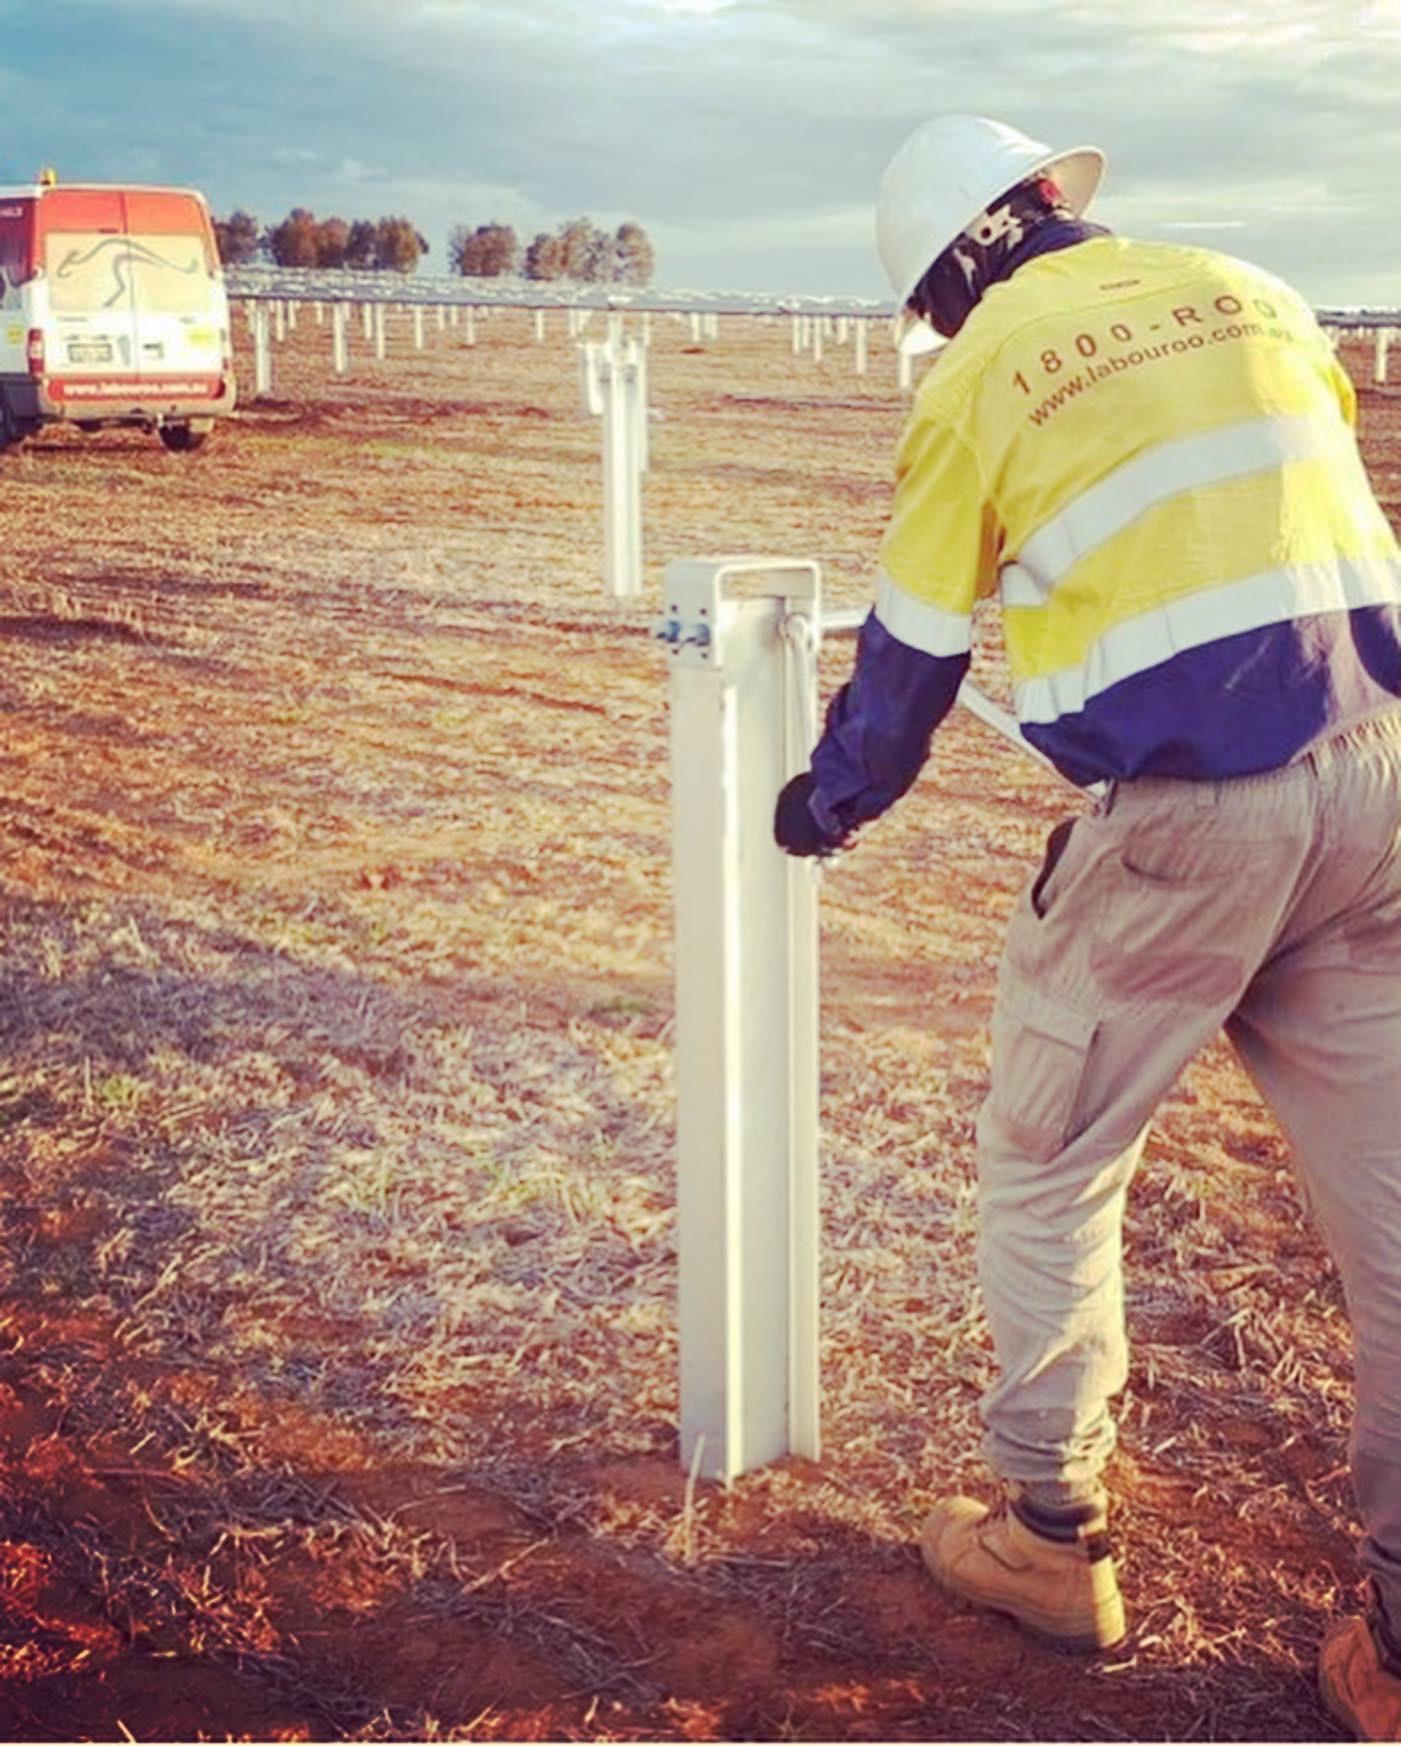 Piling labour hire Australia